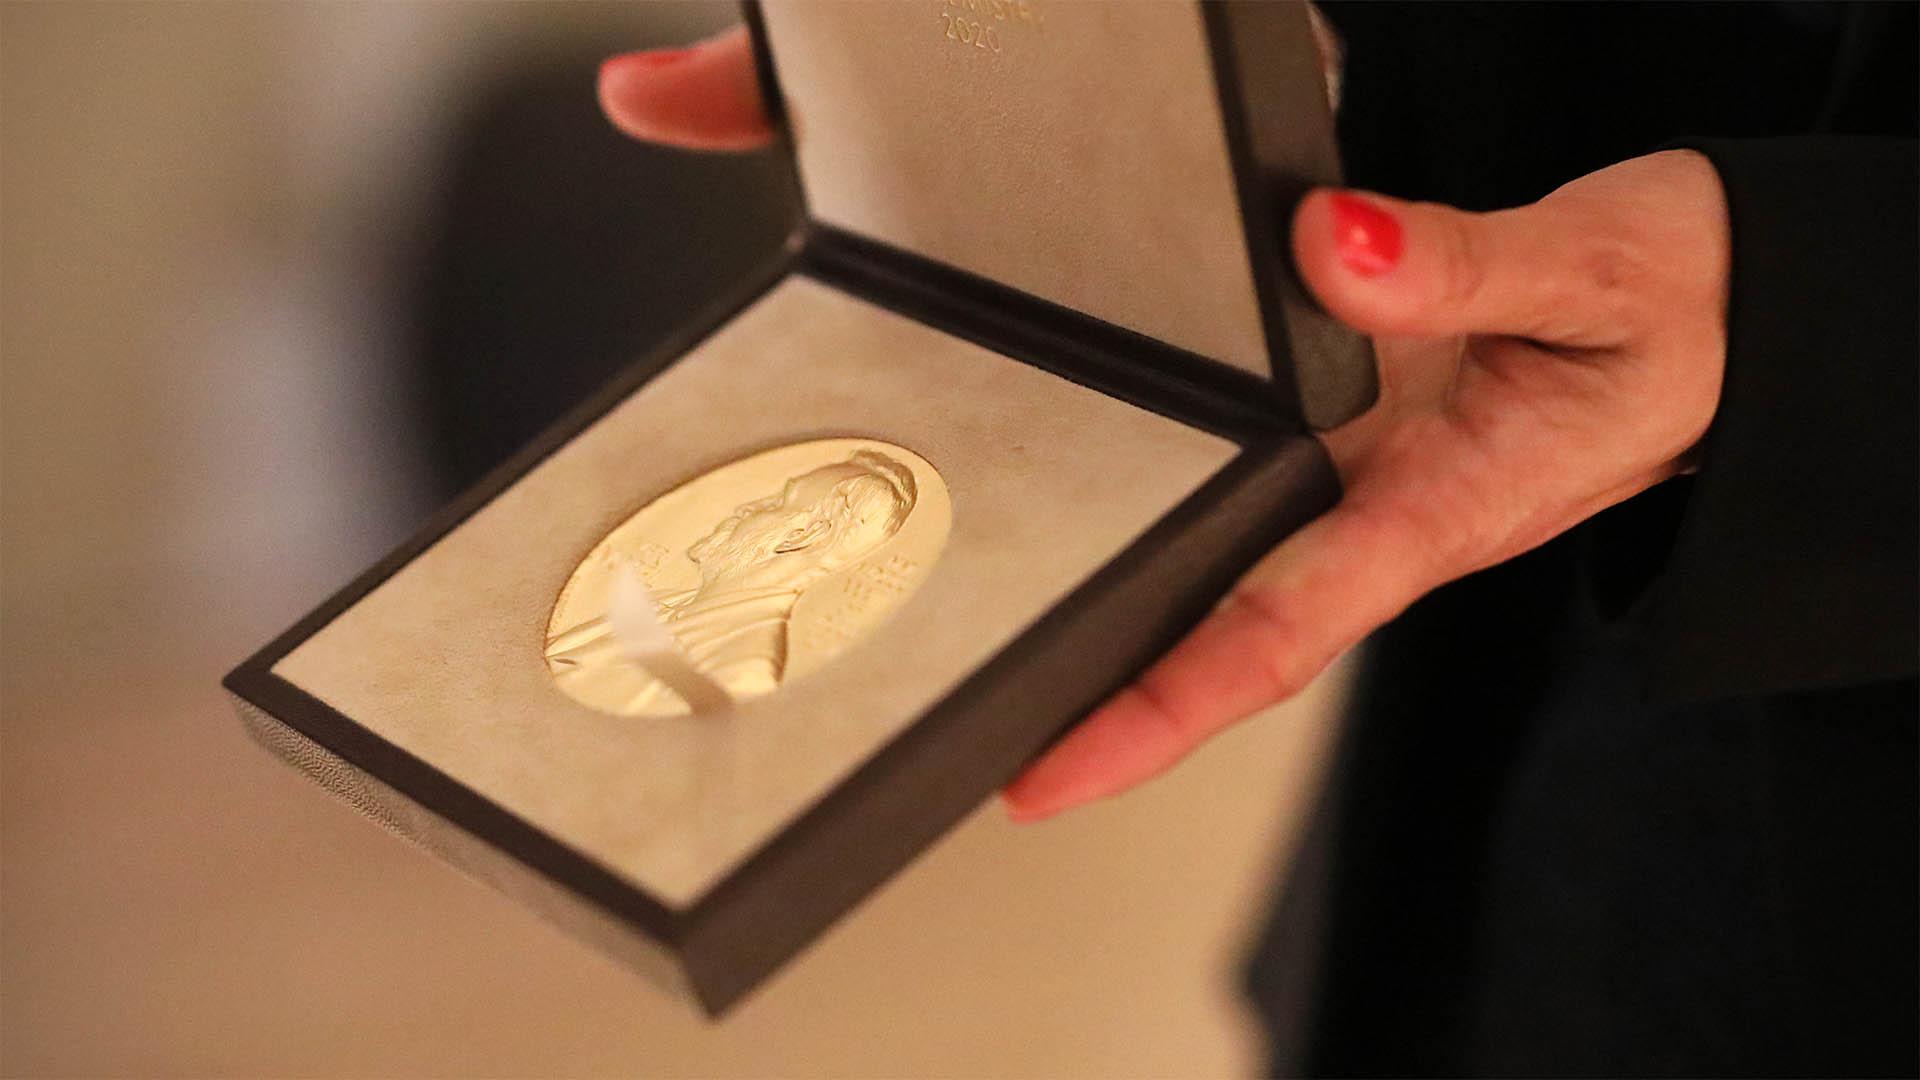 A Nobel Prize medal.